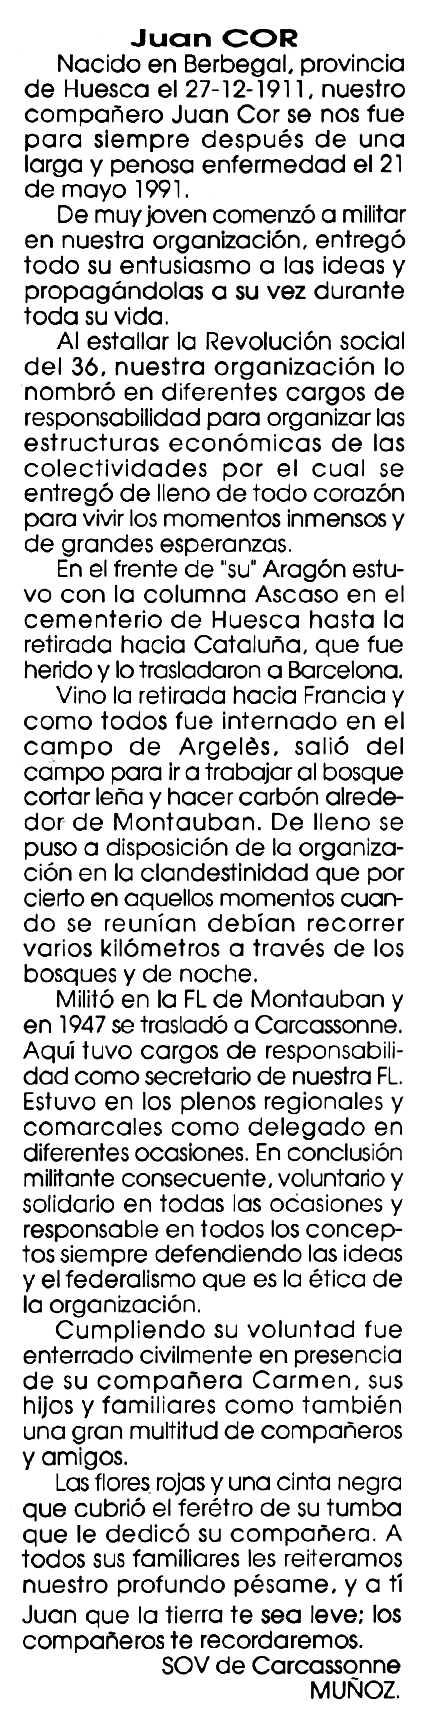 """Necrològica de Juan Cor apareguda en el periòdic tolosà """"Cenit"""" del 19 de setembre de 1991"""